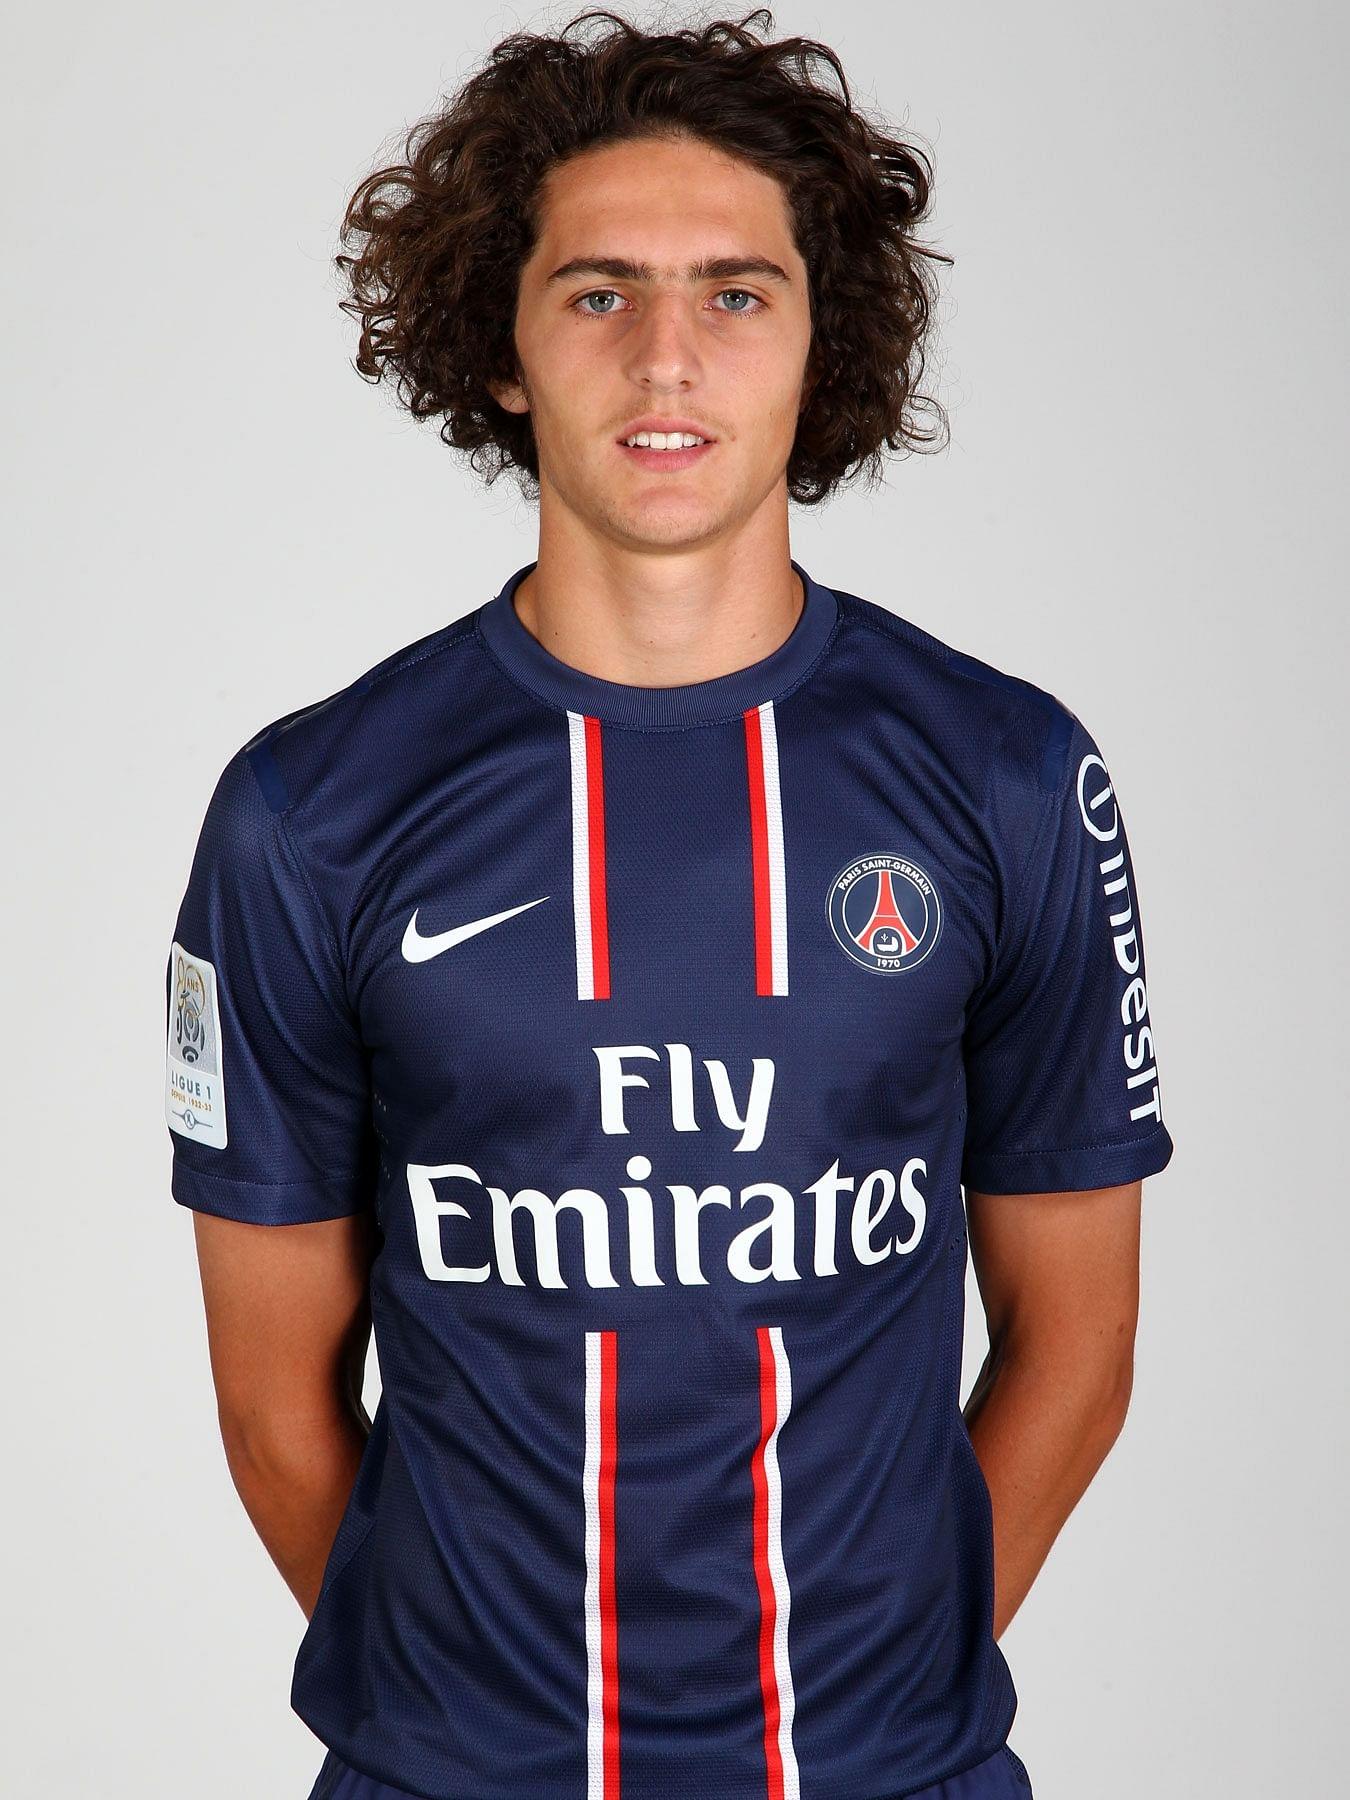 Adrien Rabiot Profile Picture